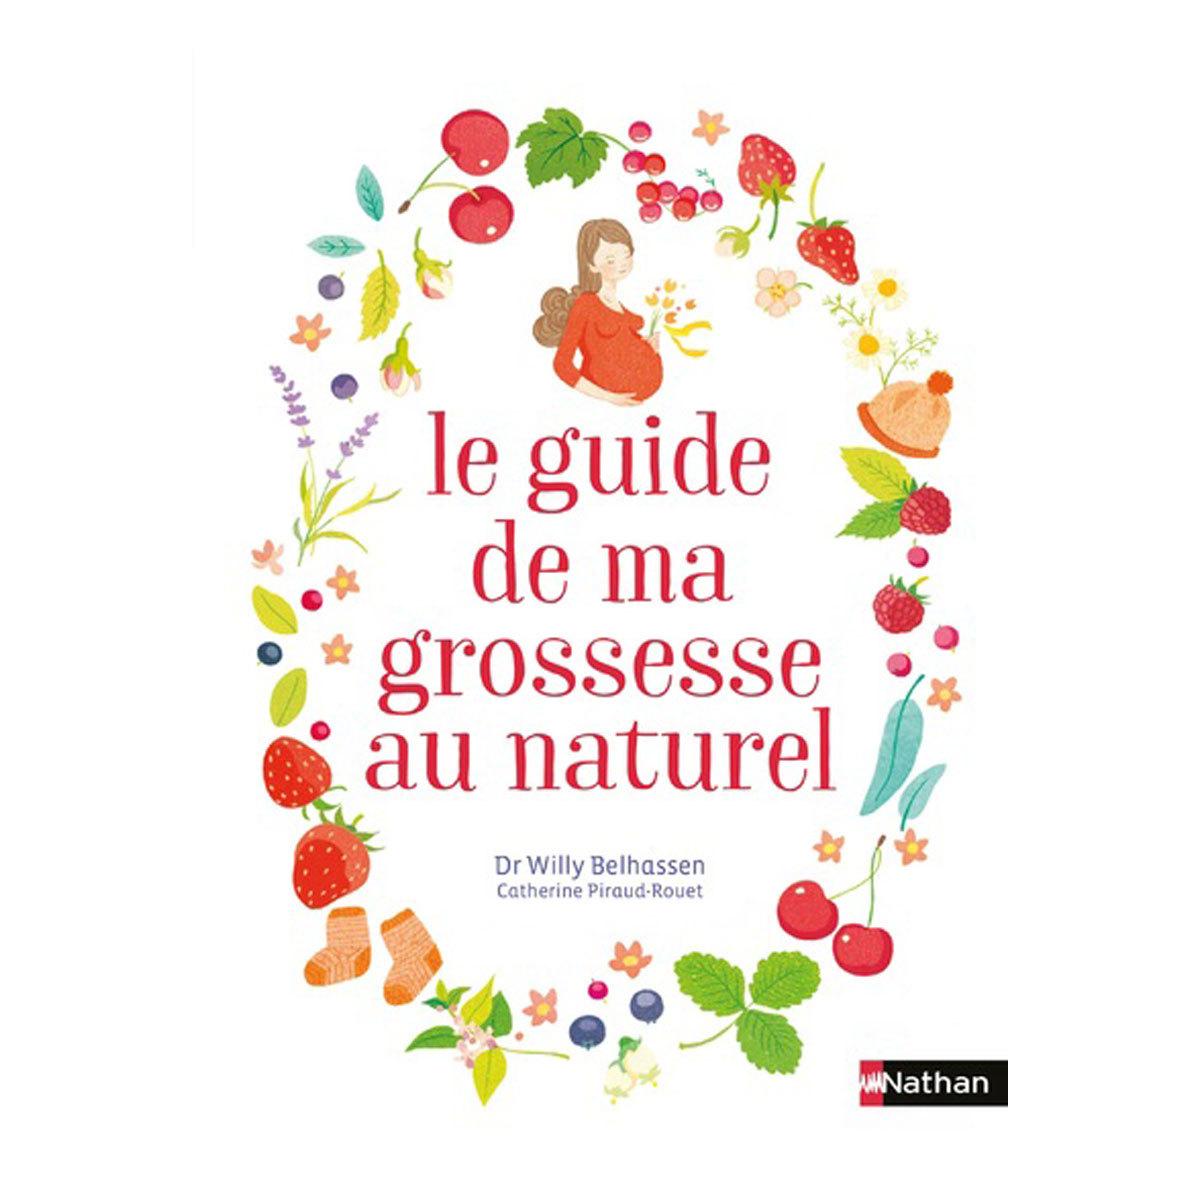 Livre & Carte Le guide de la grossesse au naturel Le guide de la grossesse au naturel